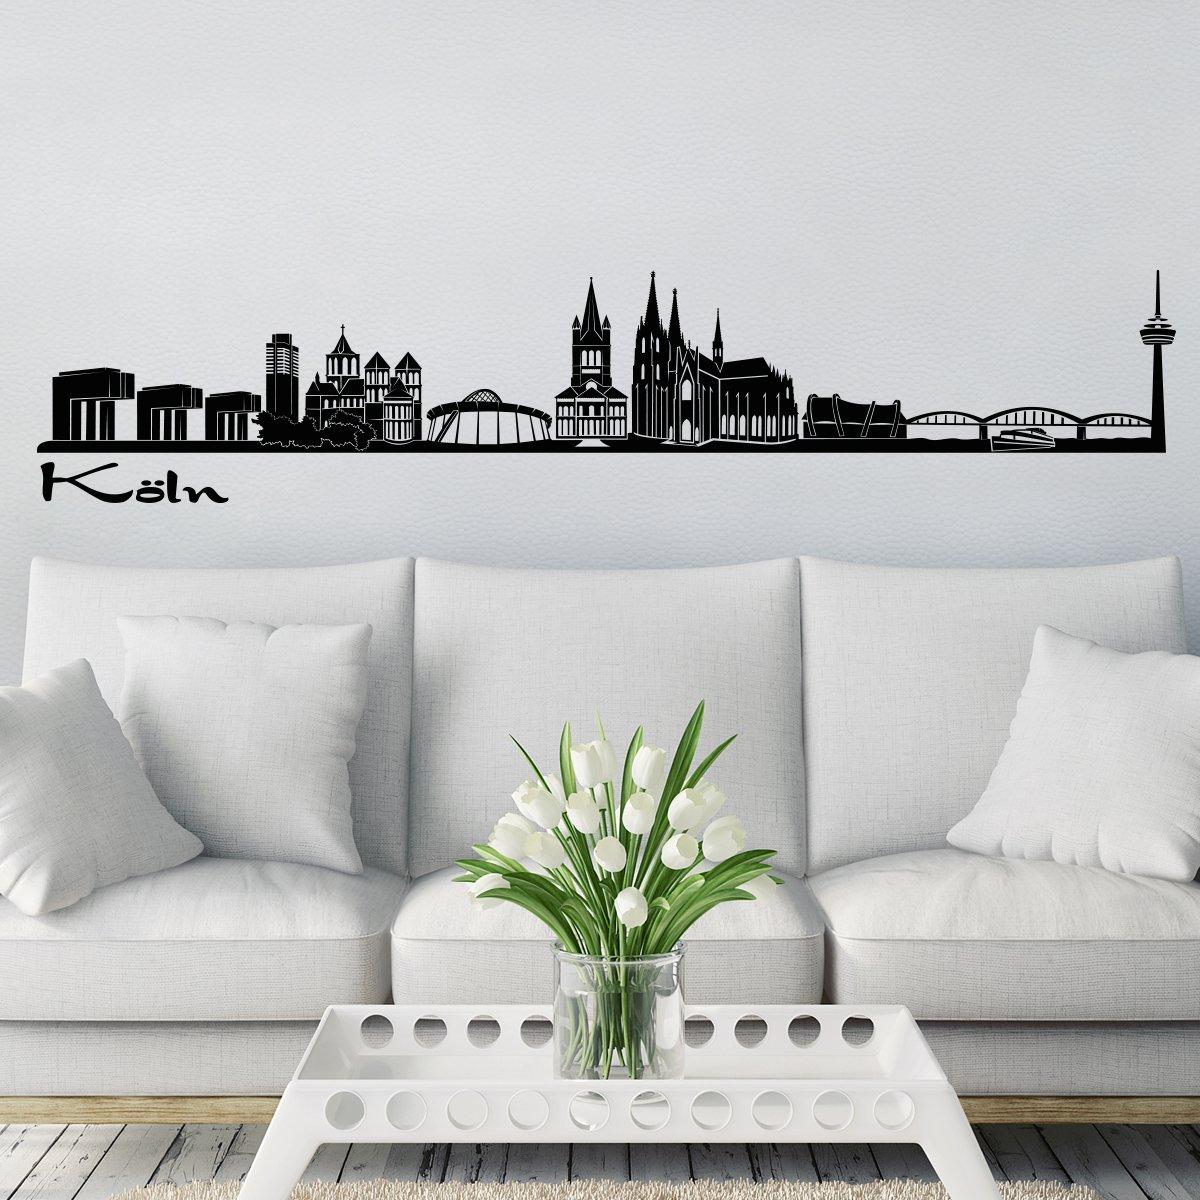 Bezaubernd Wandtattoo Köln Referenz Von Wandkings Skyline - Deine Stadt Wählbar -